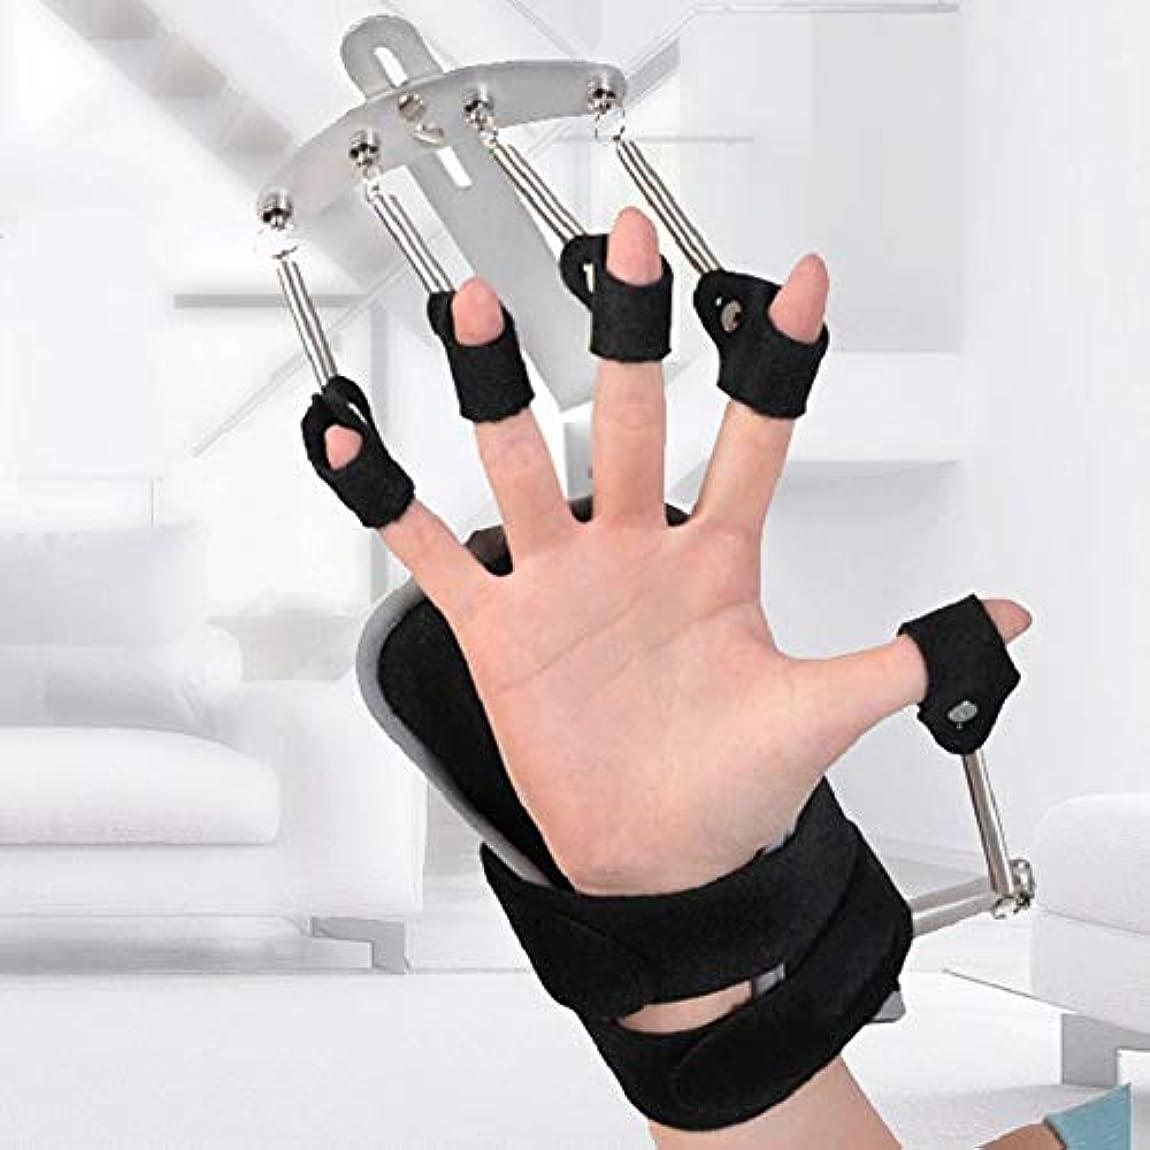 甘美なの慣性脳卒中片麻痺患者のあこがれ演習の修理のためにリハビリテーションインソールを、指、インソールポイントマニュアル手首トレーニング装具機器ブレース